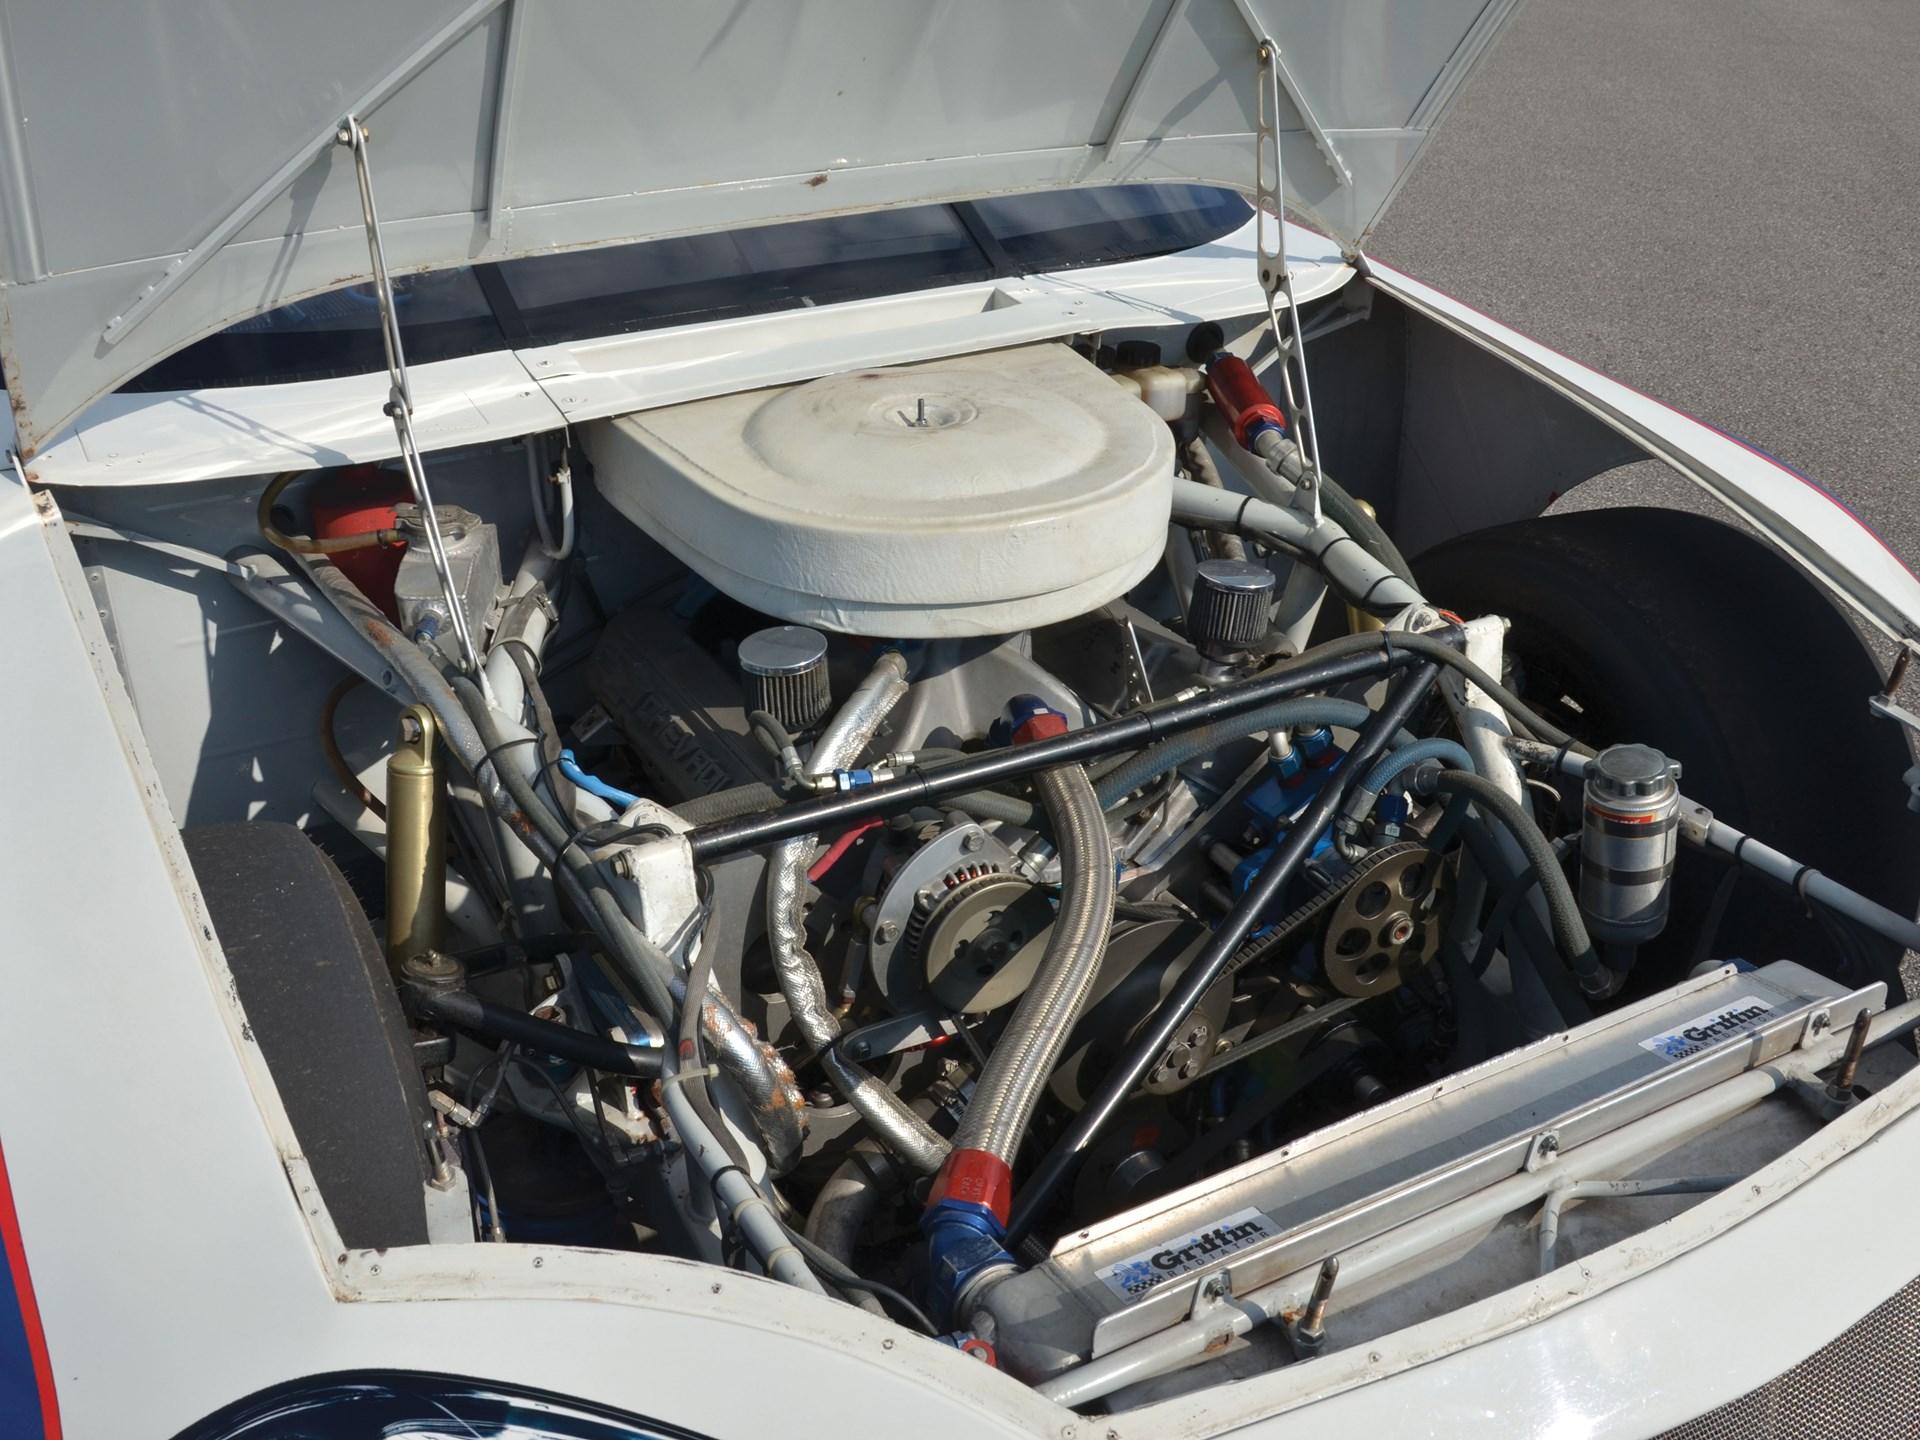 2006 Chevrolet Monte Carlo NASCAR